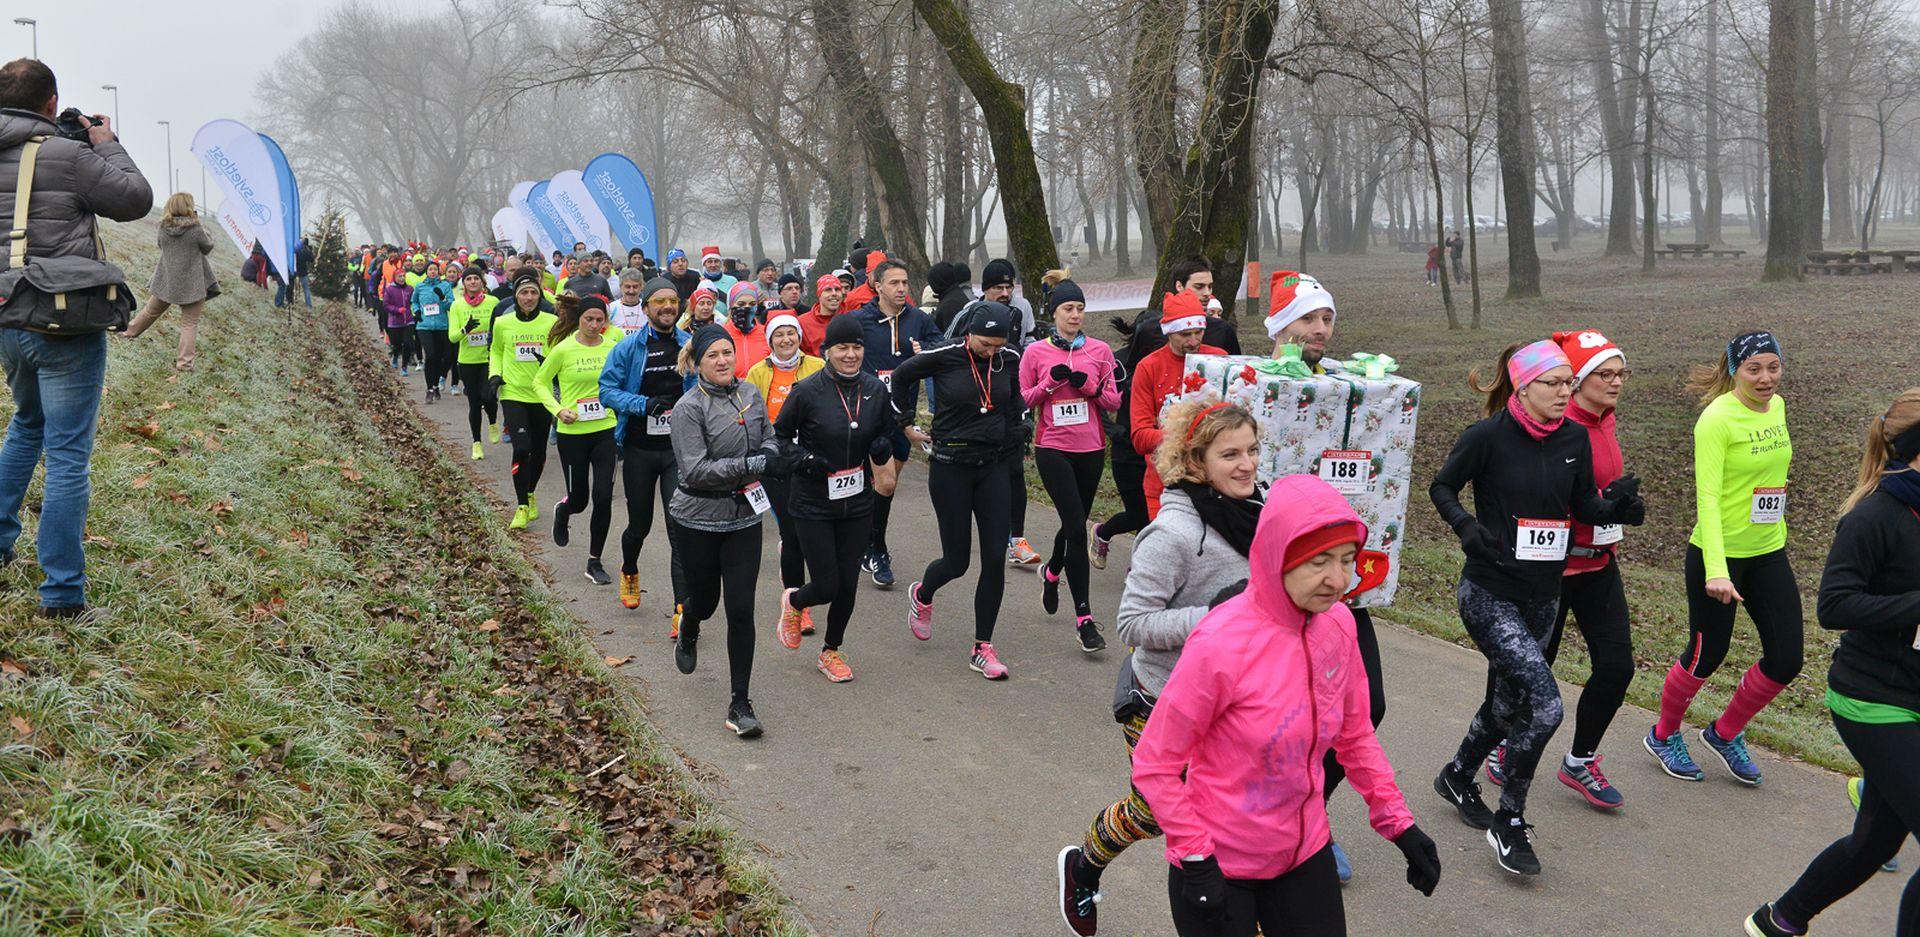 ZAGREB ADVENT RUN U sklopu ovogodišnjeg Adventa i humanitarna utrka